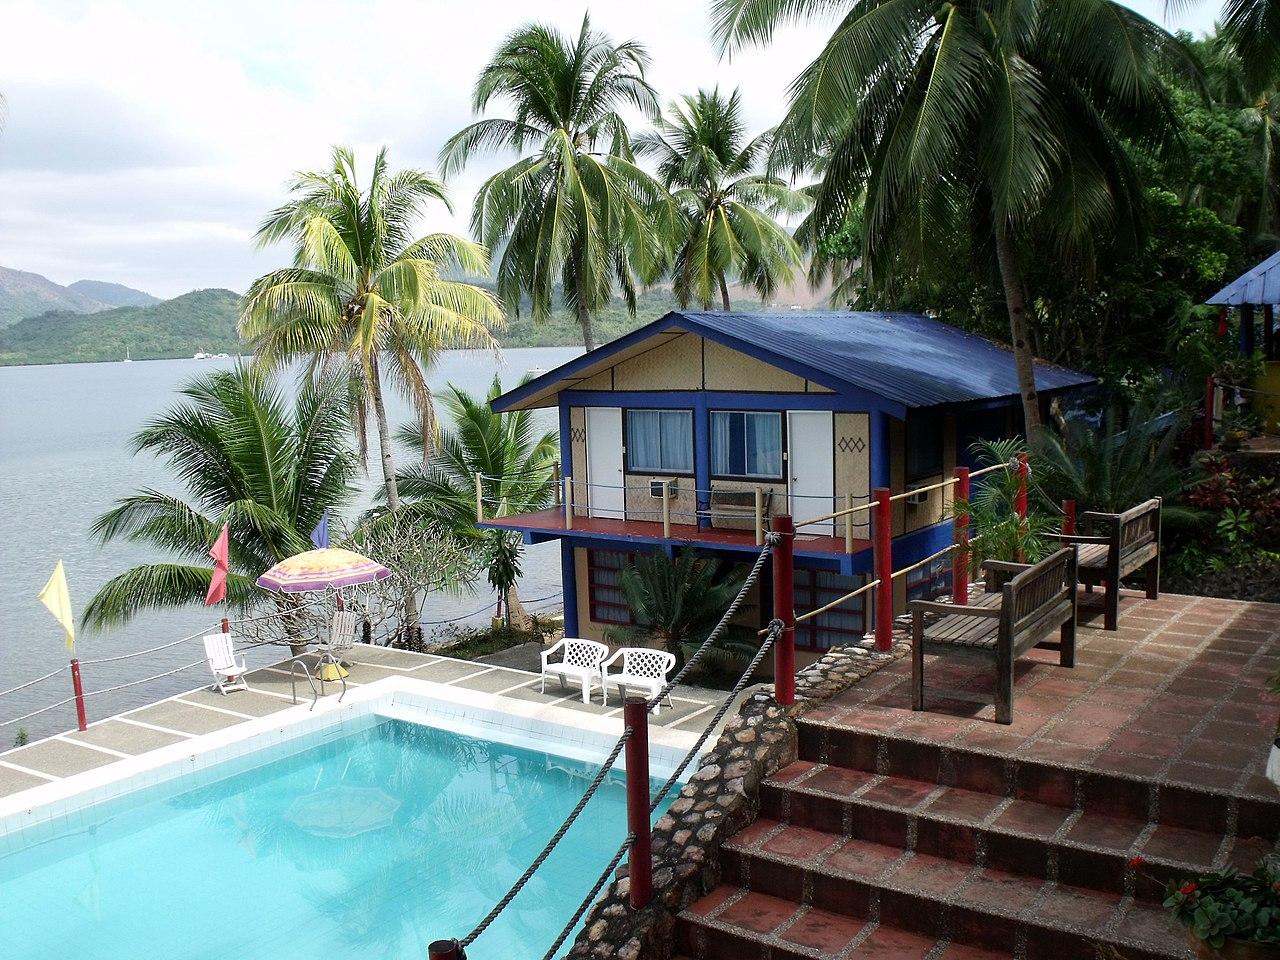 Paradise Villa For Rent In Labadie Haiti